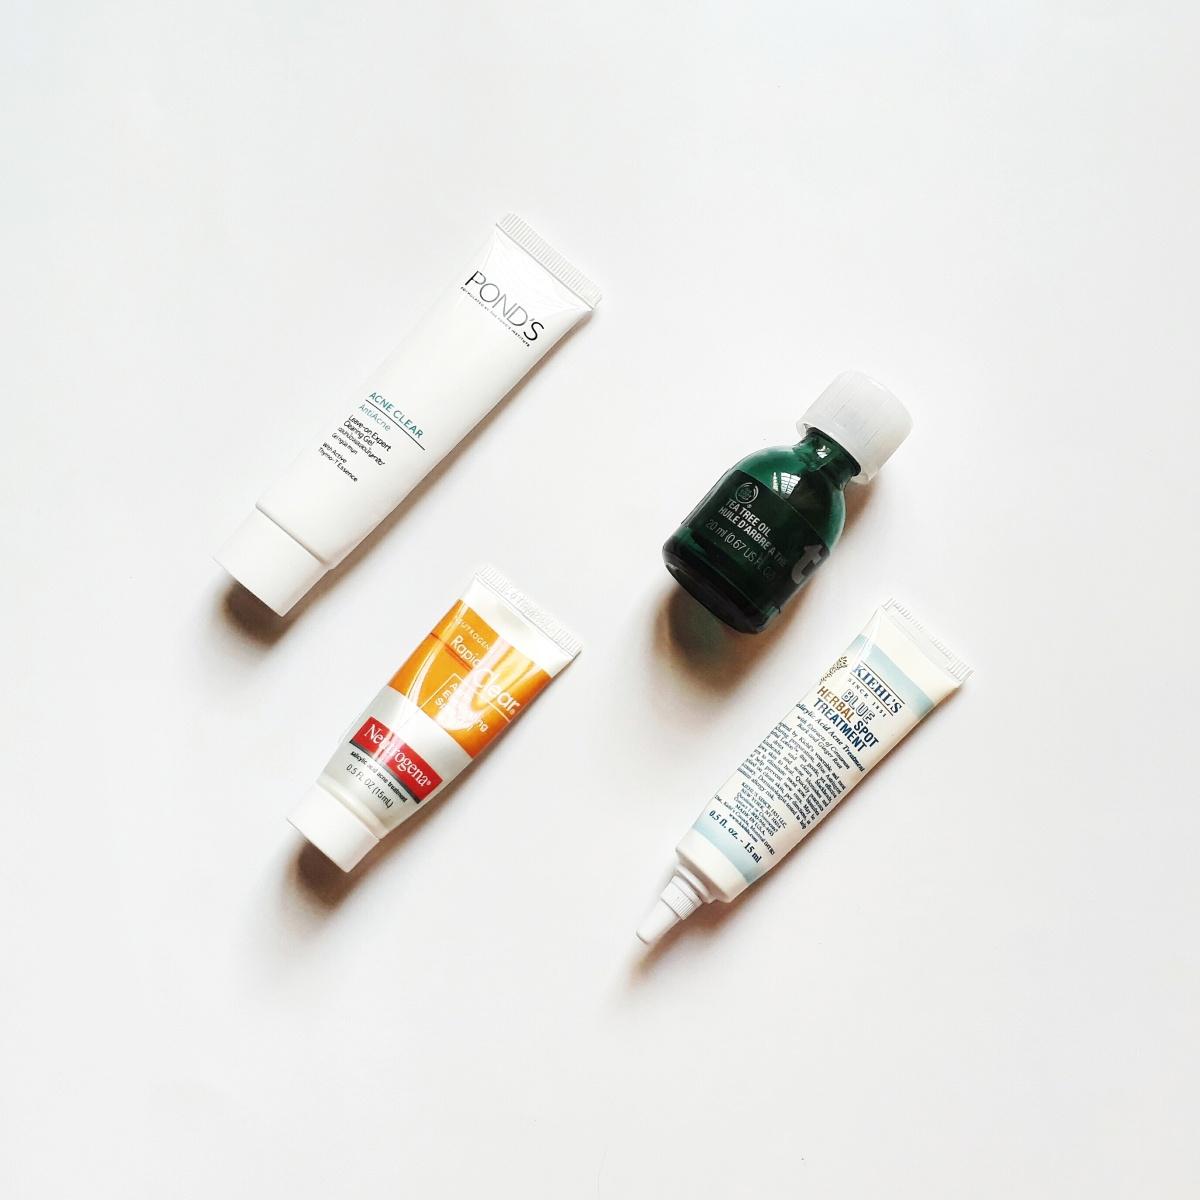 Treatment (P.1) – Các loại chấm mụn